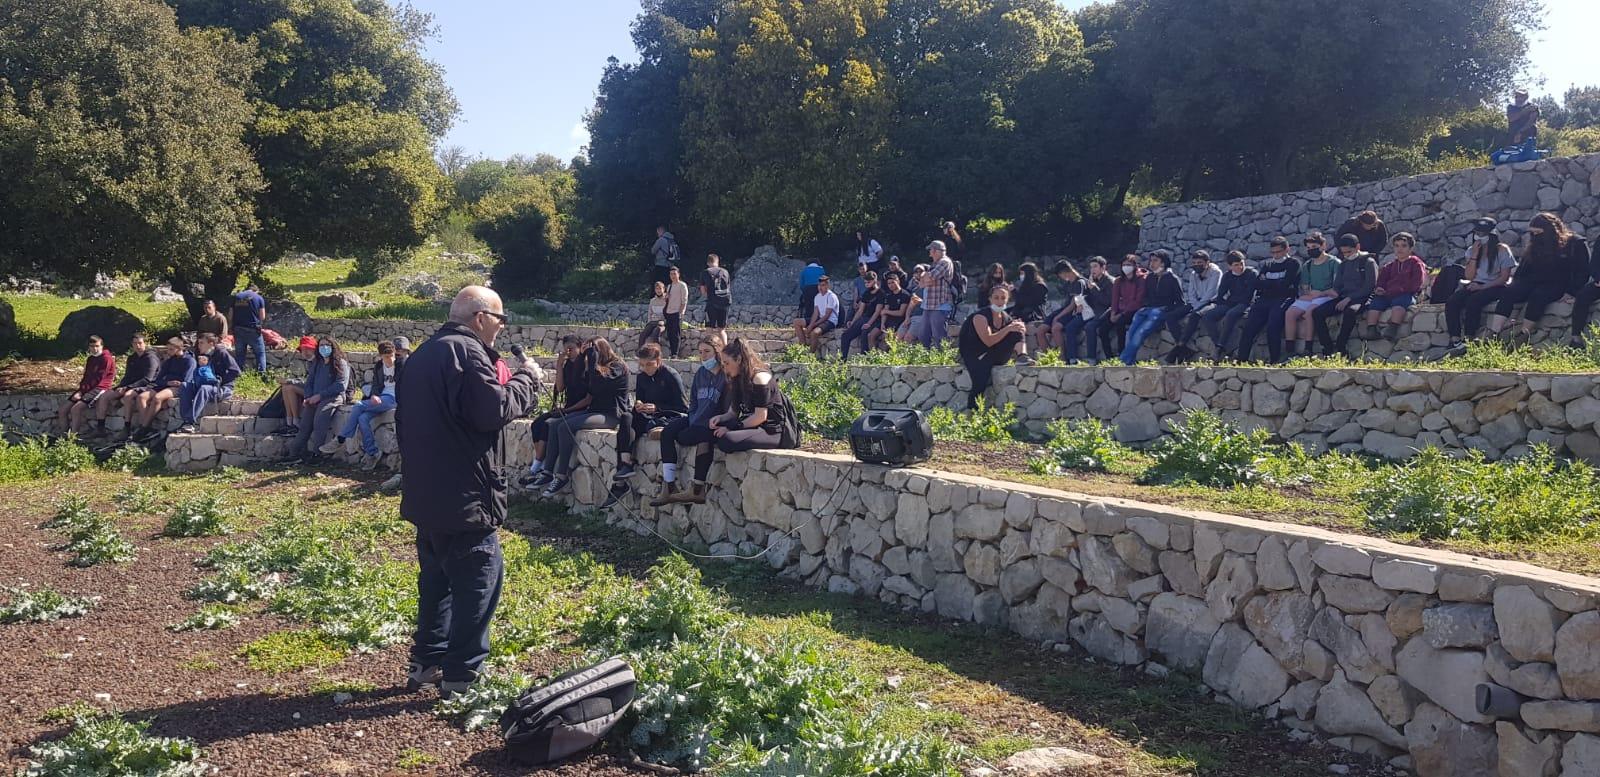 """תלמידי בית הספר """"הר וגיא"""" יצאו למסע בעקבות לוחמים וסיירו באנדרטת אגוז ונחל חזורי"""